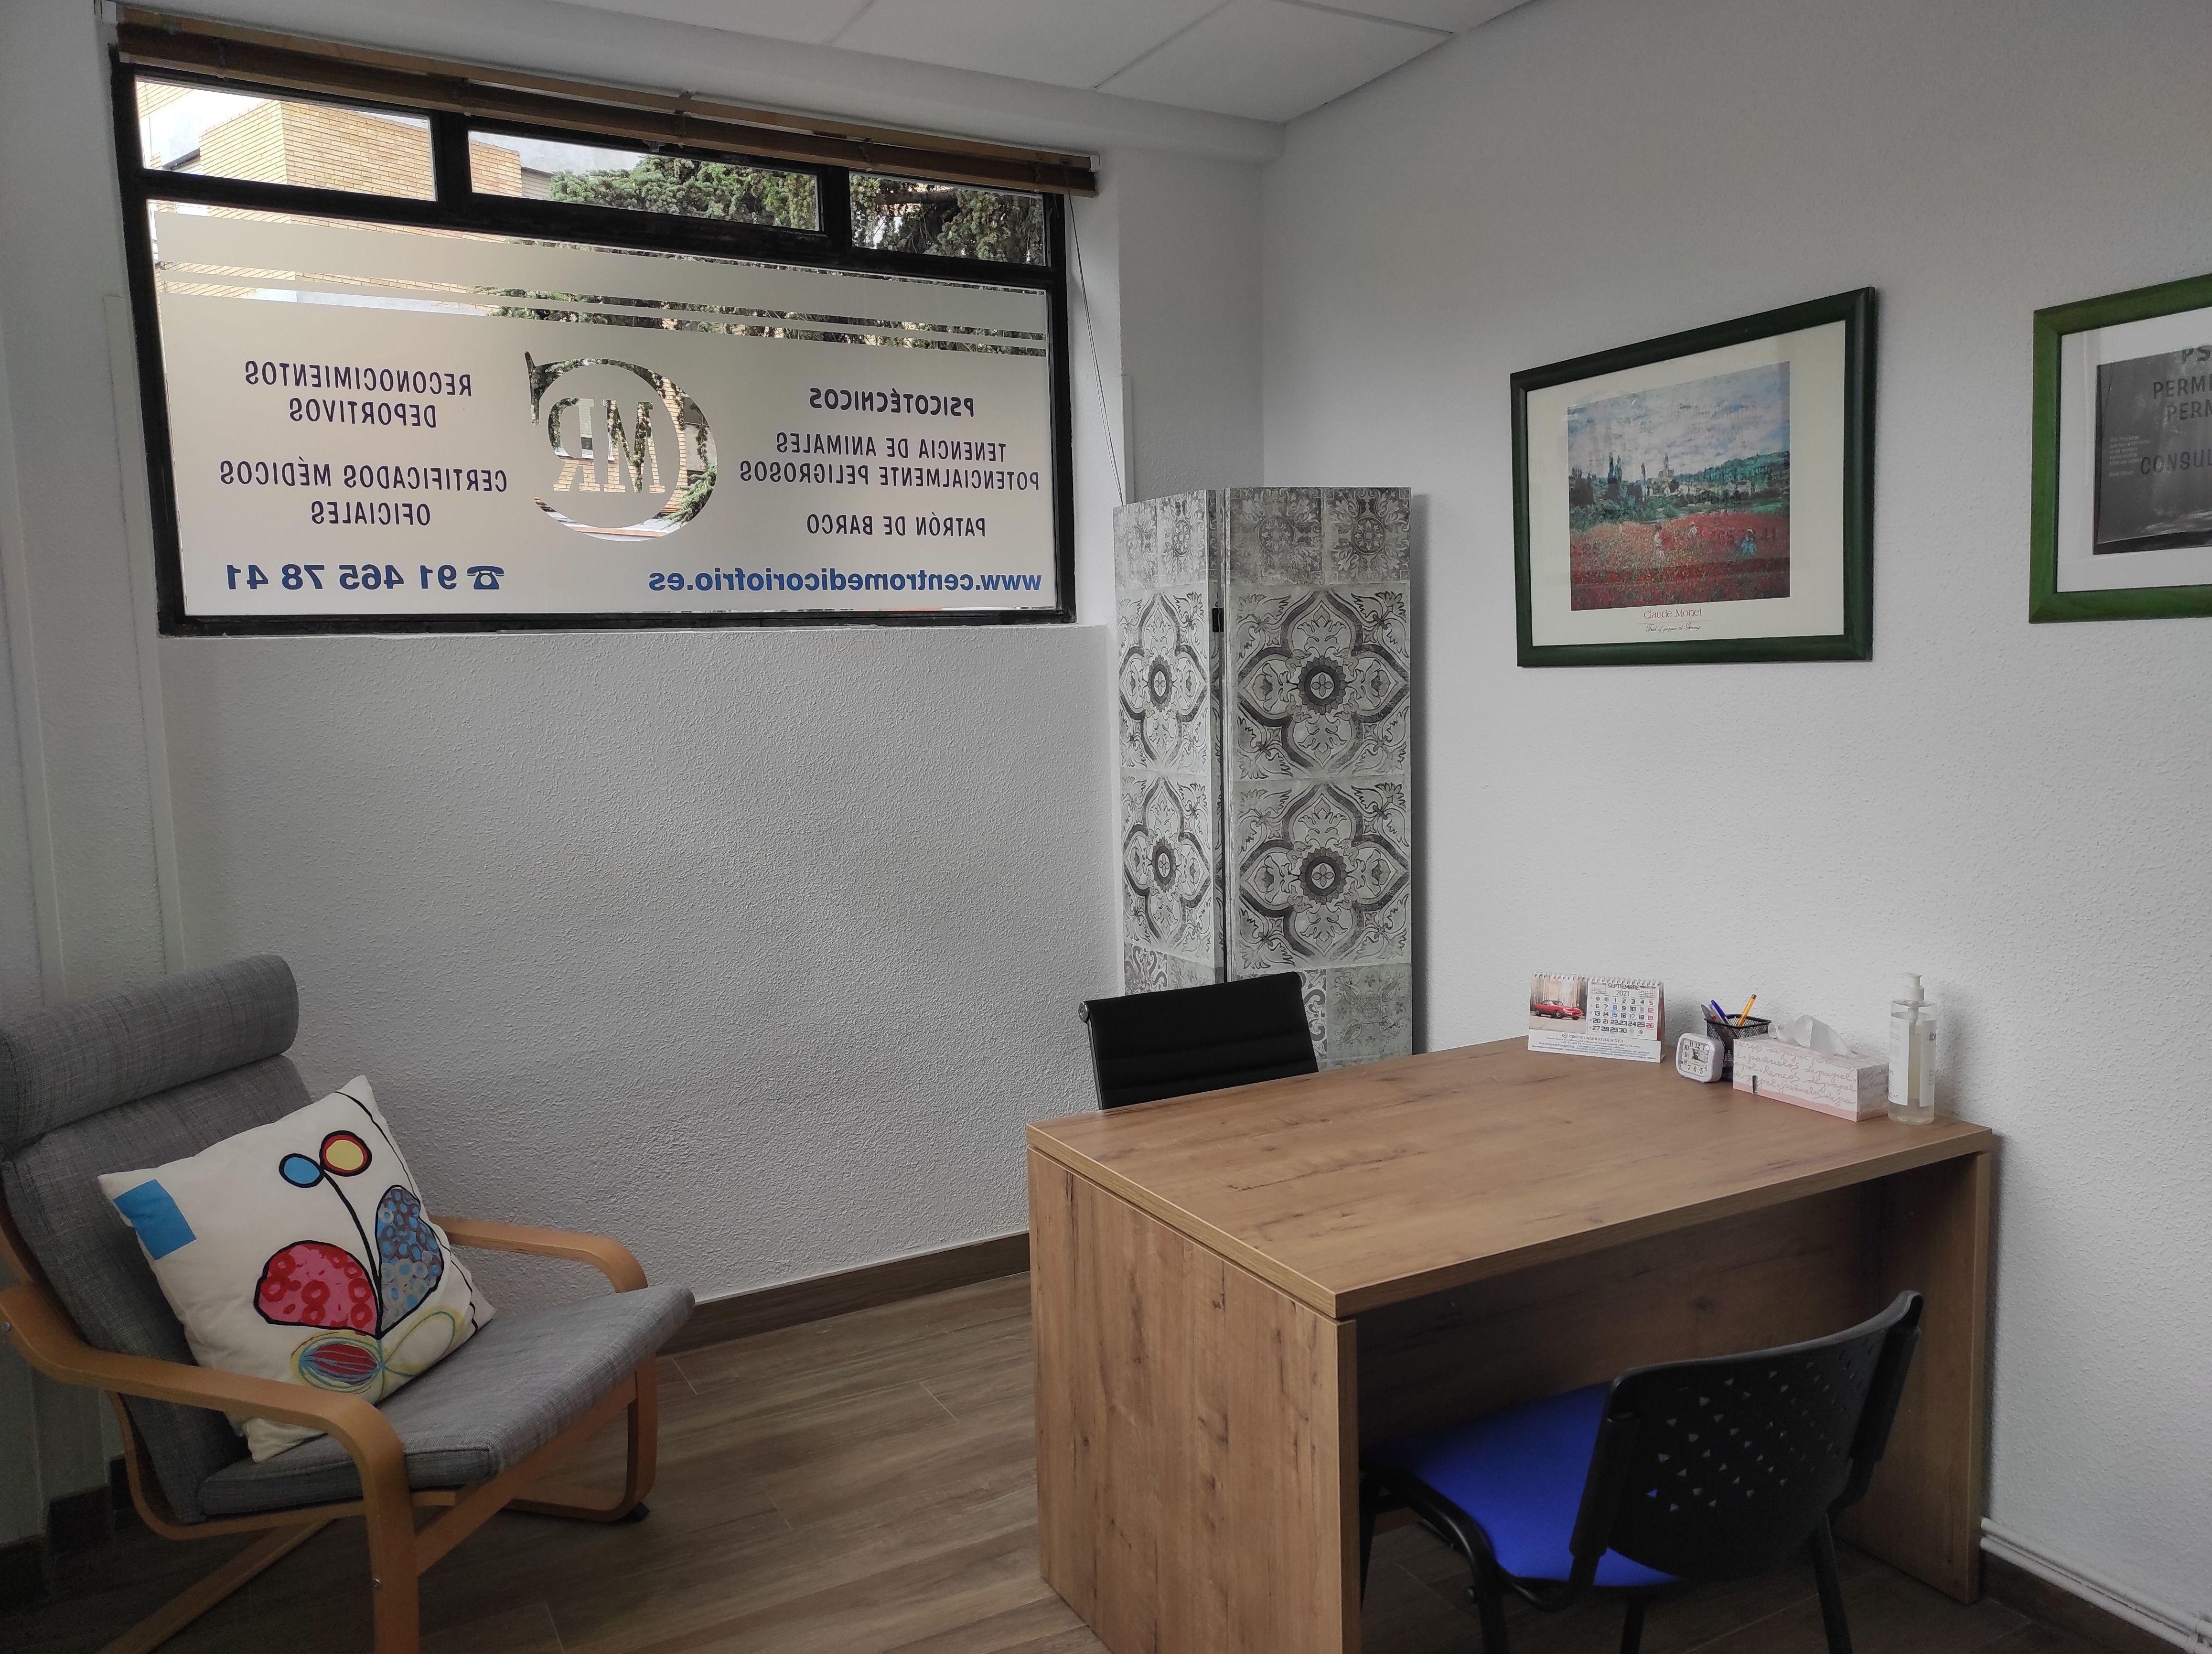 Foto 5 de Reconocimientos y certificados médicos en Madrid | Centro Médico Riofrío